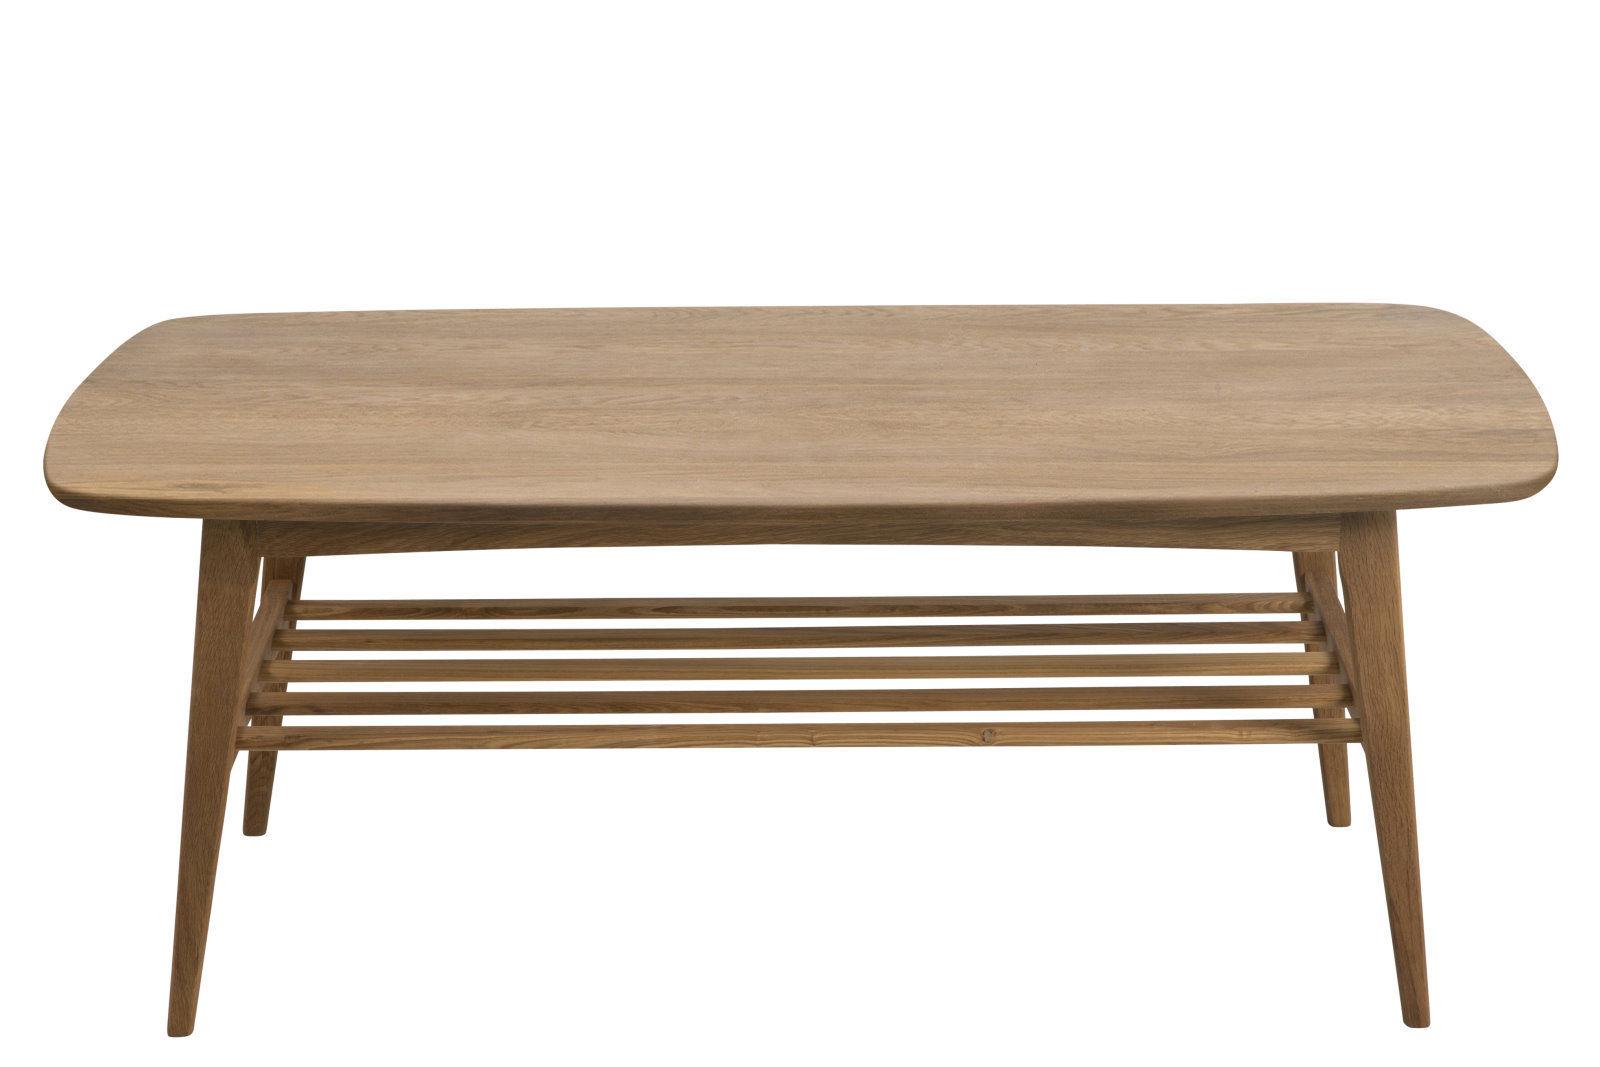 Wohnzimmer holztisch massiv  PKline Couchtisch Eiche Wohnzimmer Tisch Holztisch Beistelltisch ...